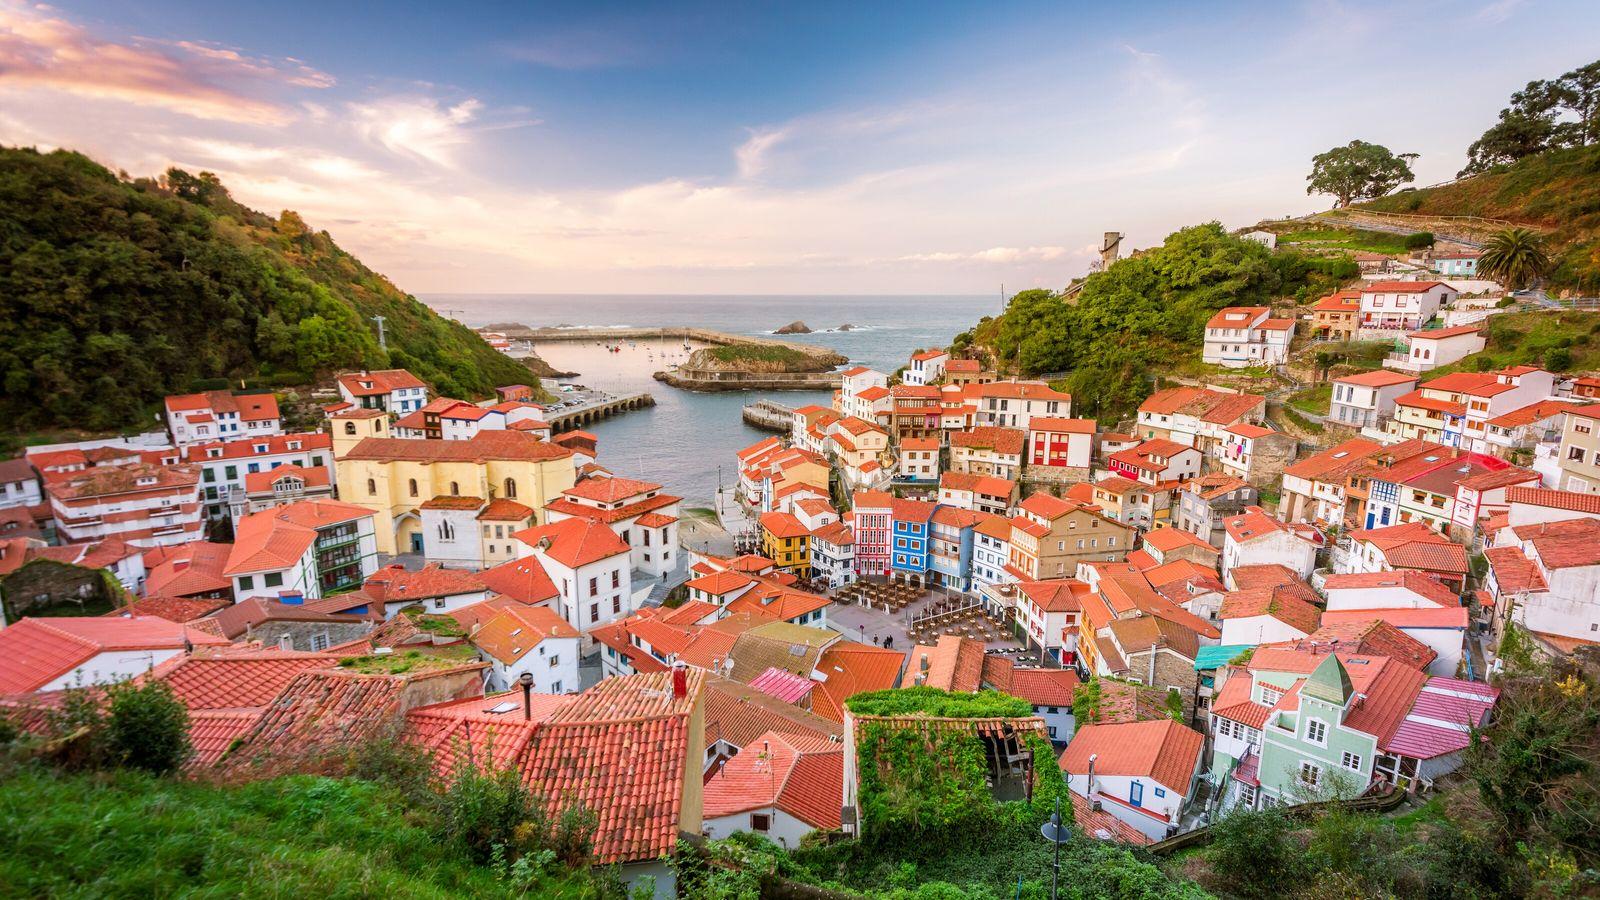 Conhecida pelas suas casas pintadas de cores vivas acima de uma marina cintilante, crê-se que a ...